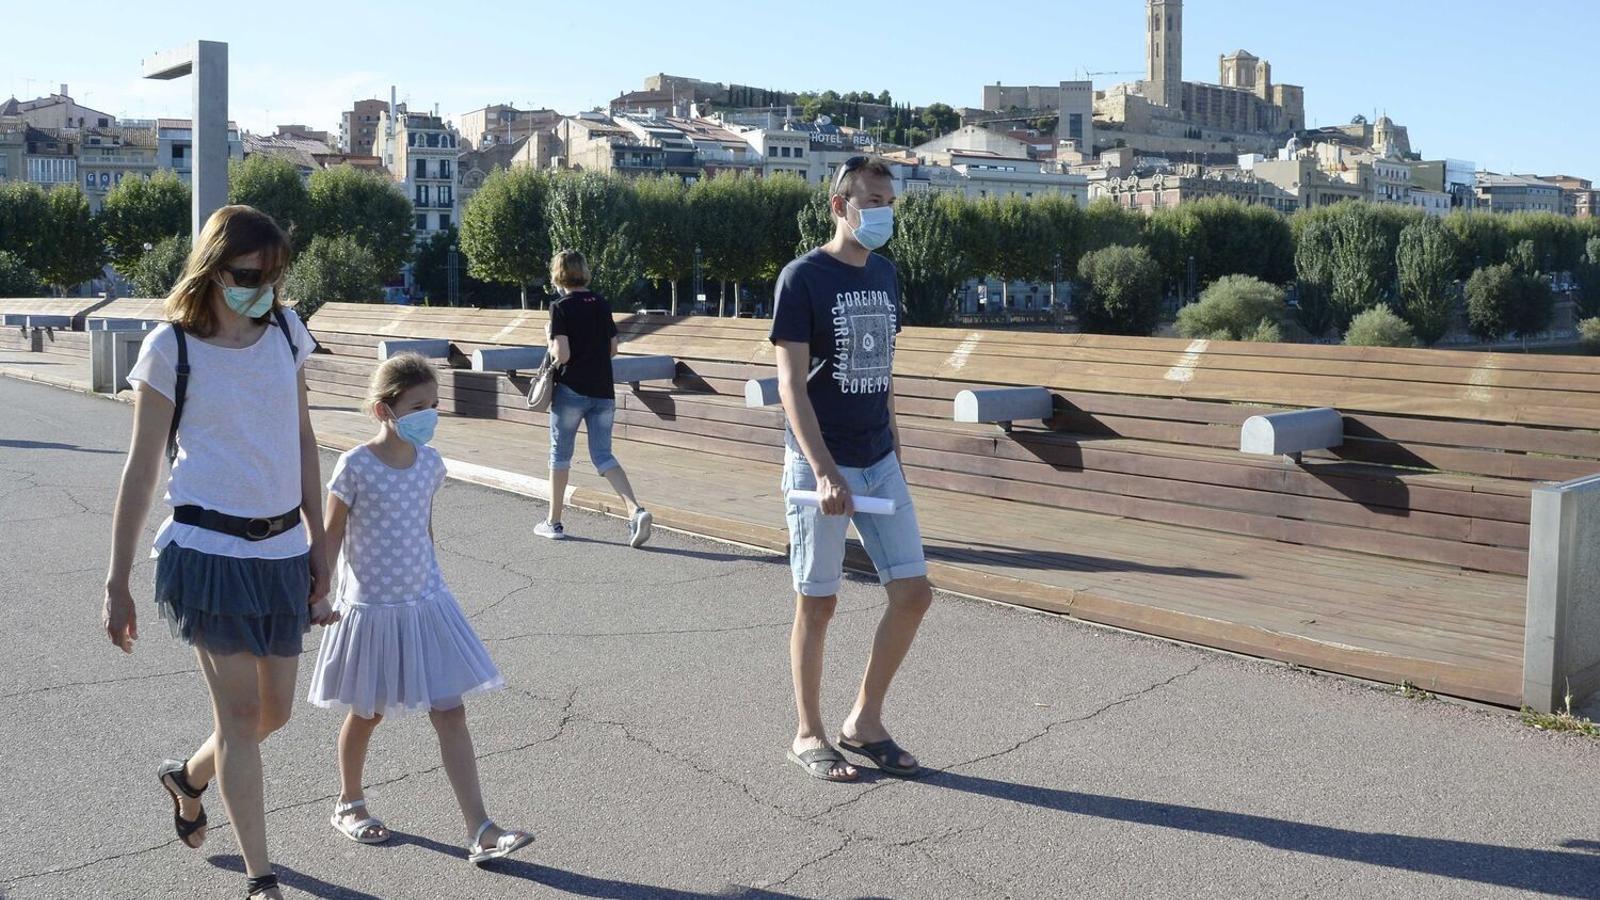 Ciutadans passejant per Lleida després que el Govern decretés el confinament perimetral del Segrià.